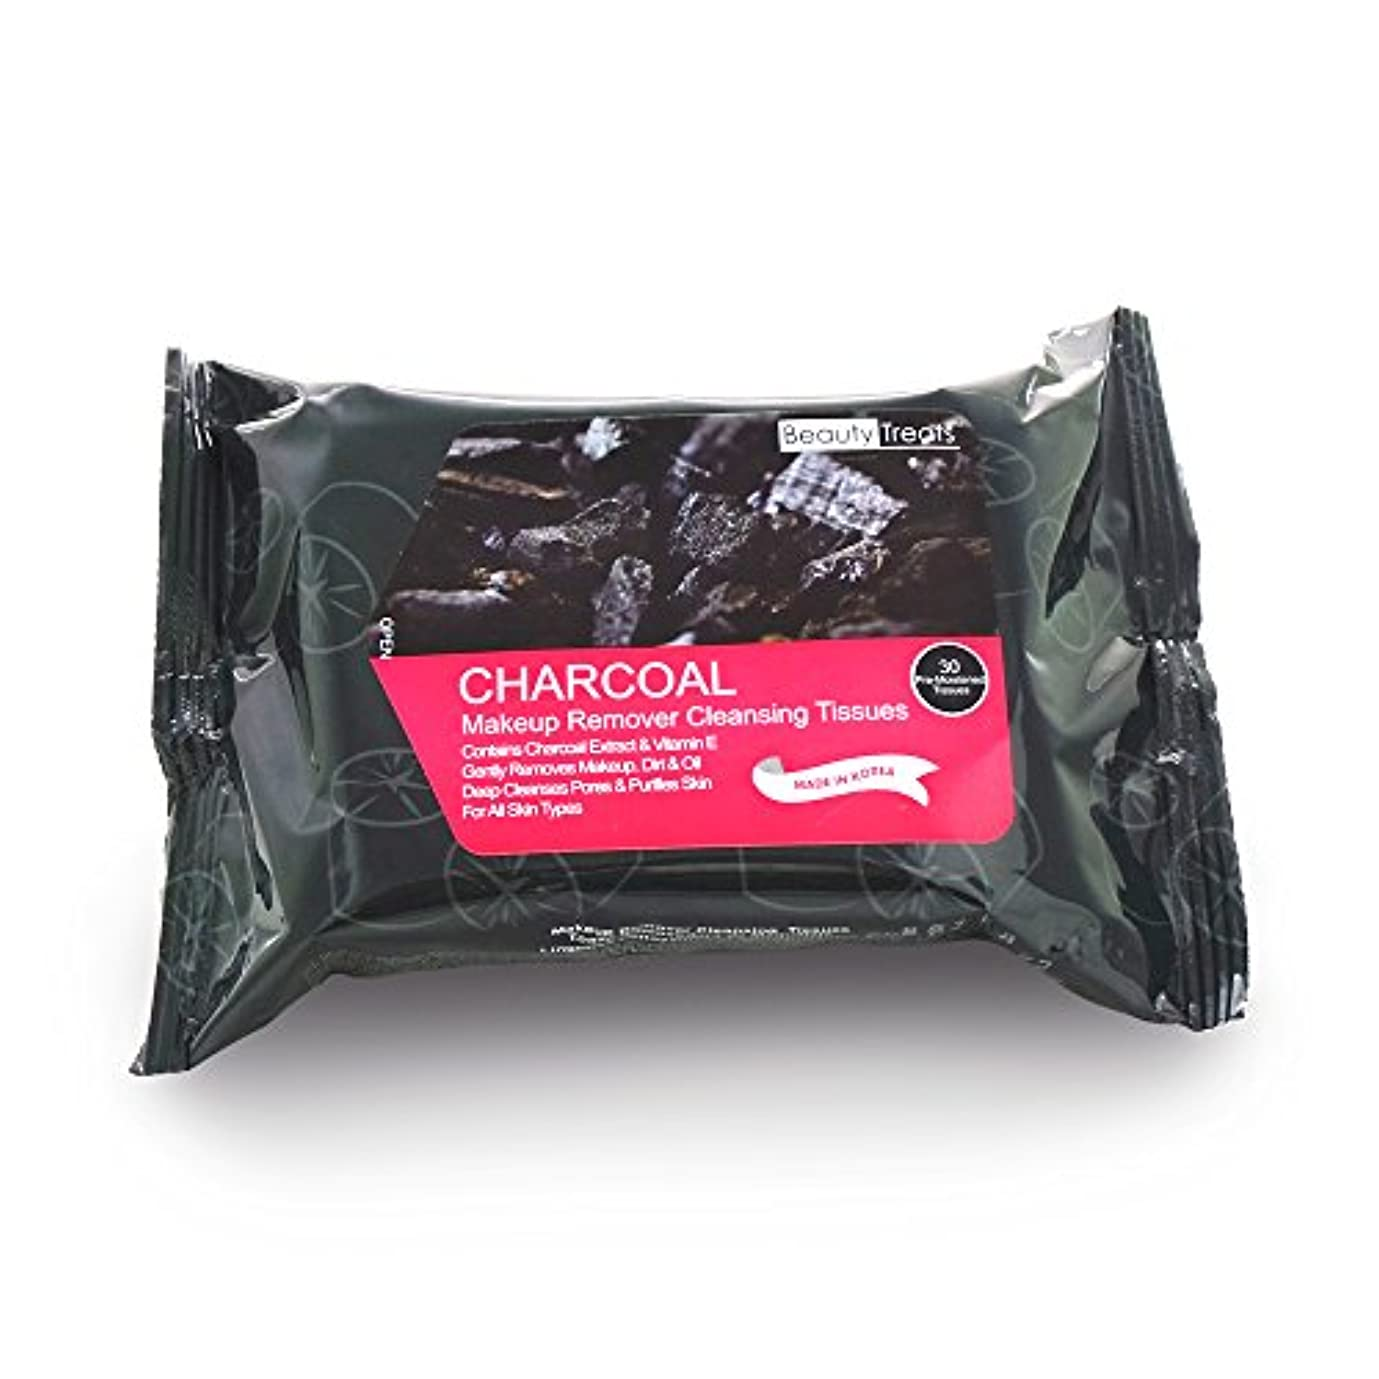 切手強います生じる(3 Pack) BEAUTY TREATS Charcoal Makeup Remover Cleaning Tissues (並行輸入品)